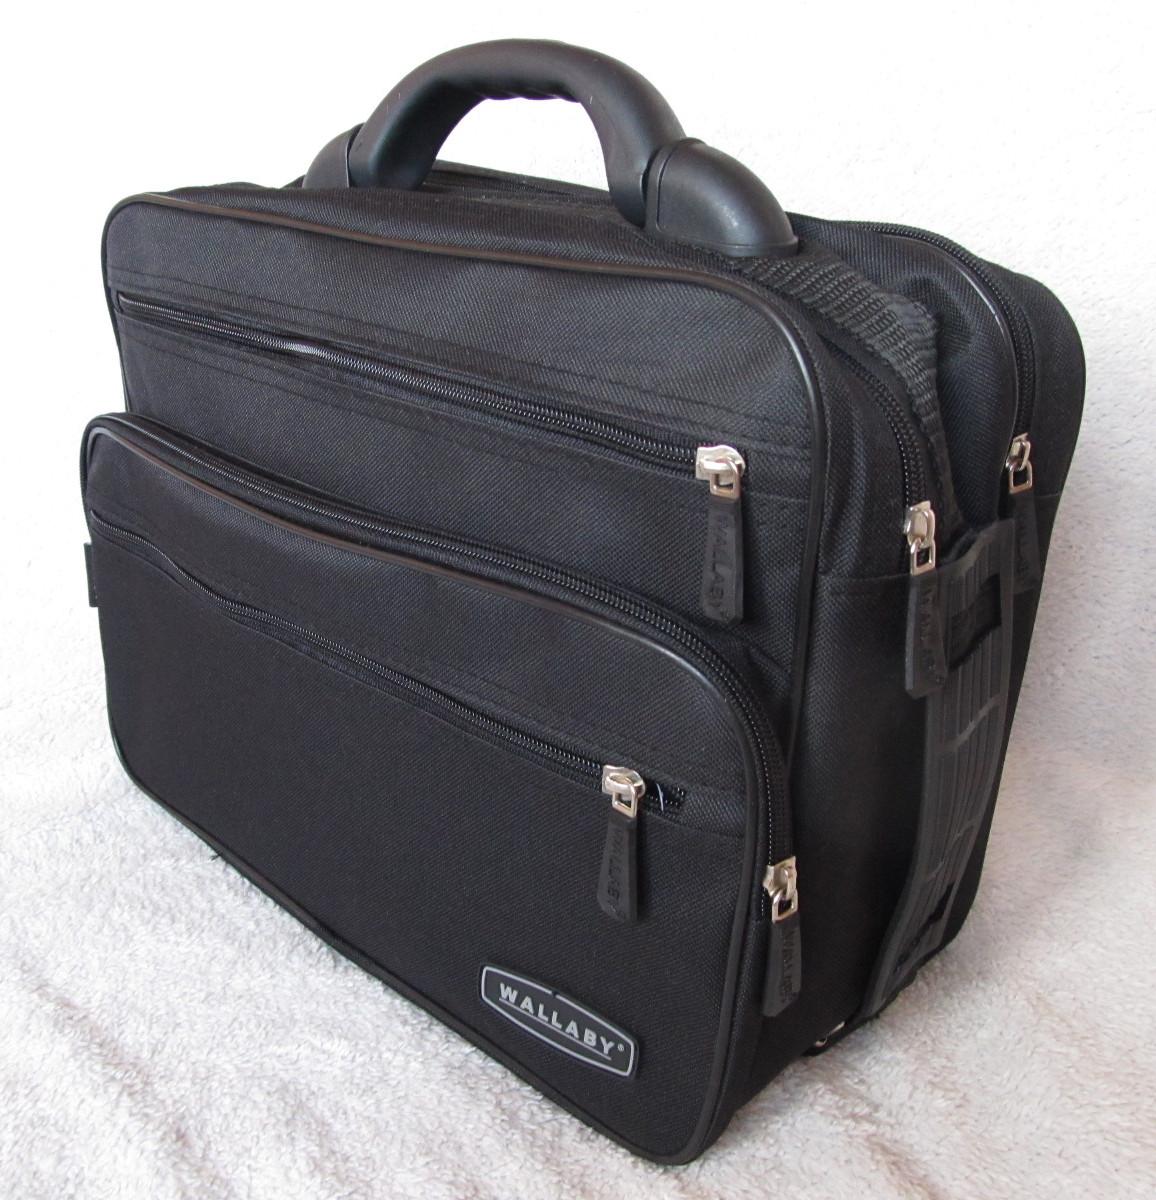 58e2625fe26e Мужская сумка Wallaby 2651 черная барсетка через плечо папка портфель А4  35х26х17см - Интернет-магазин